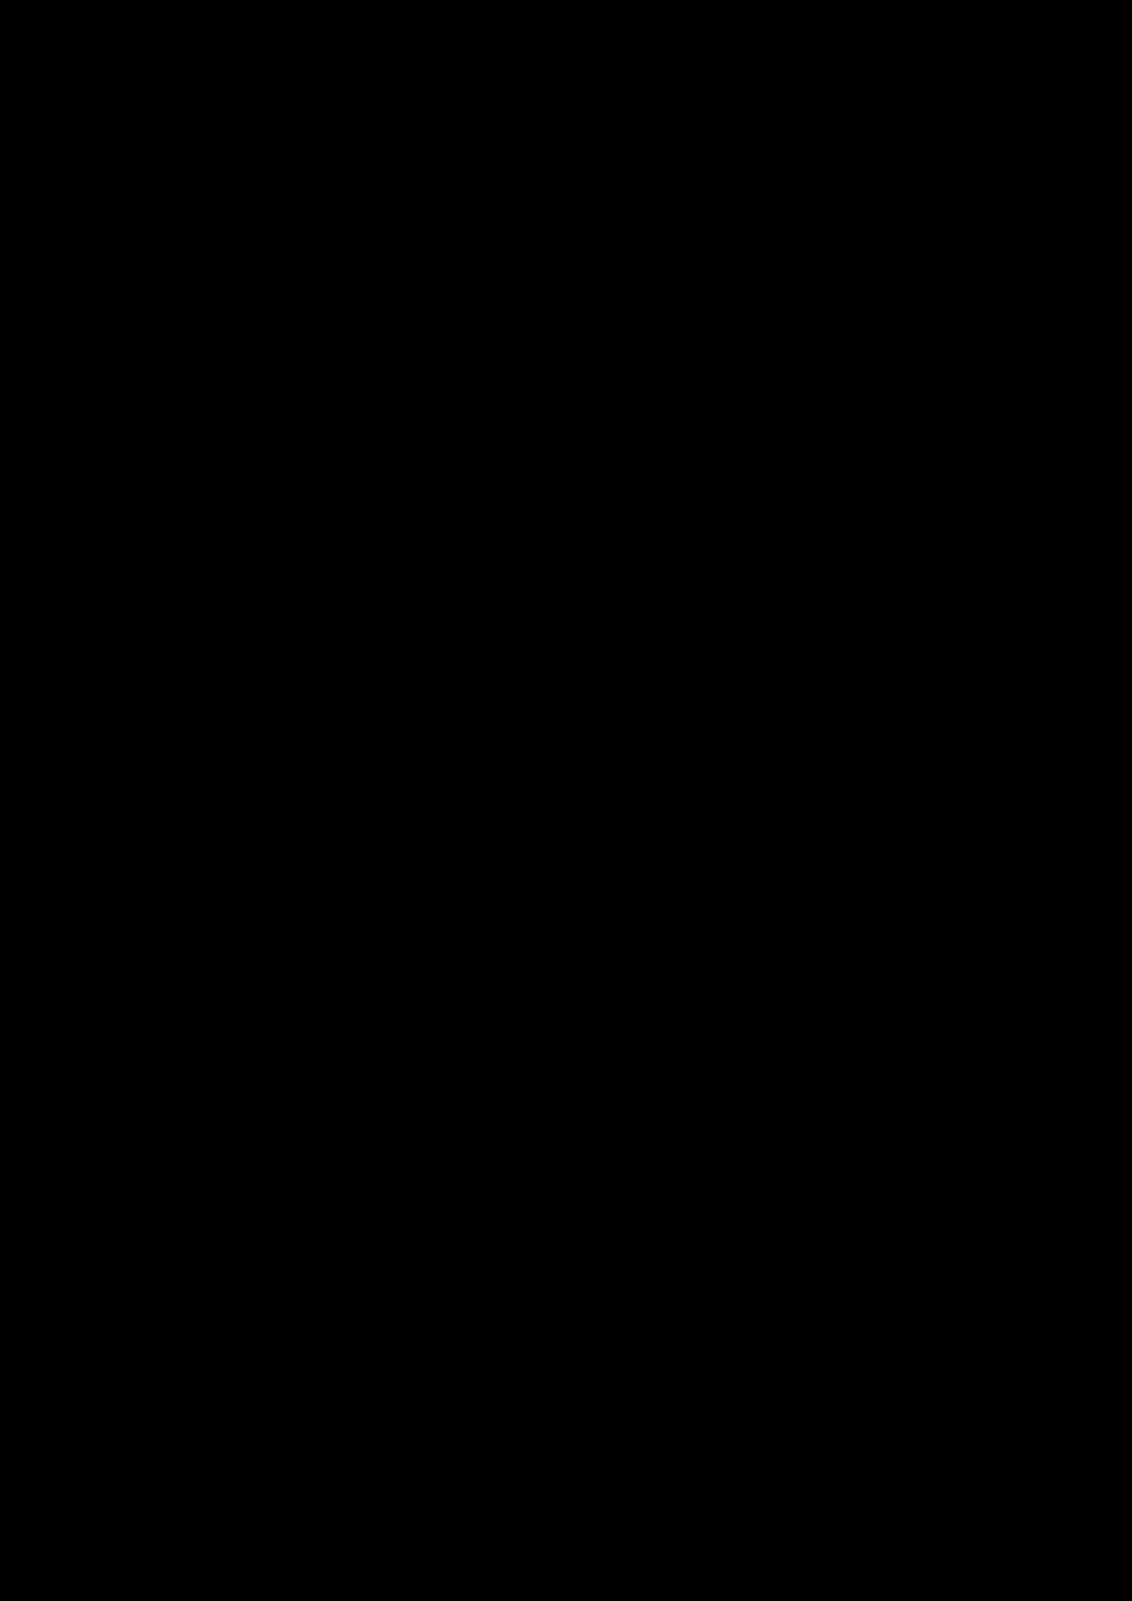 Proschanie s volshebnoy stranoy slide, Image 42